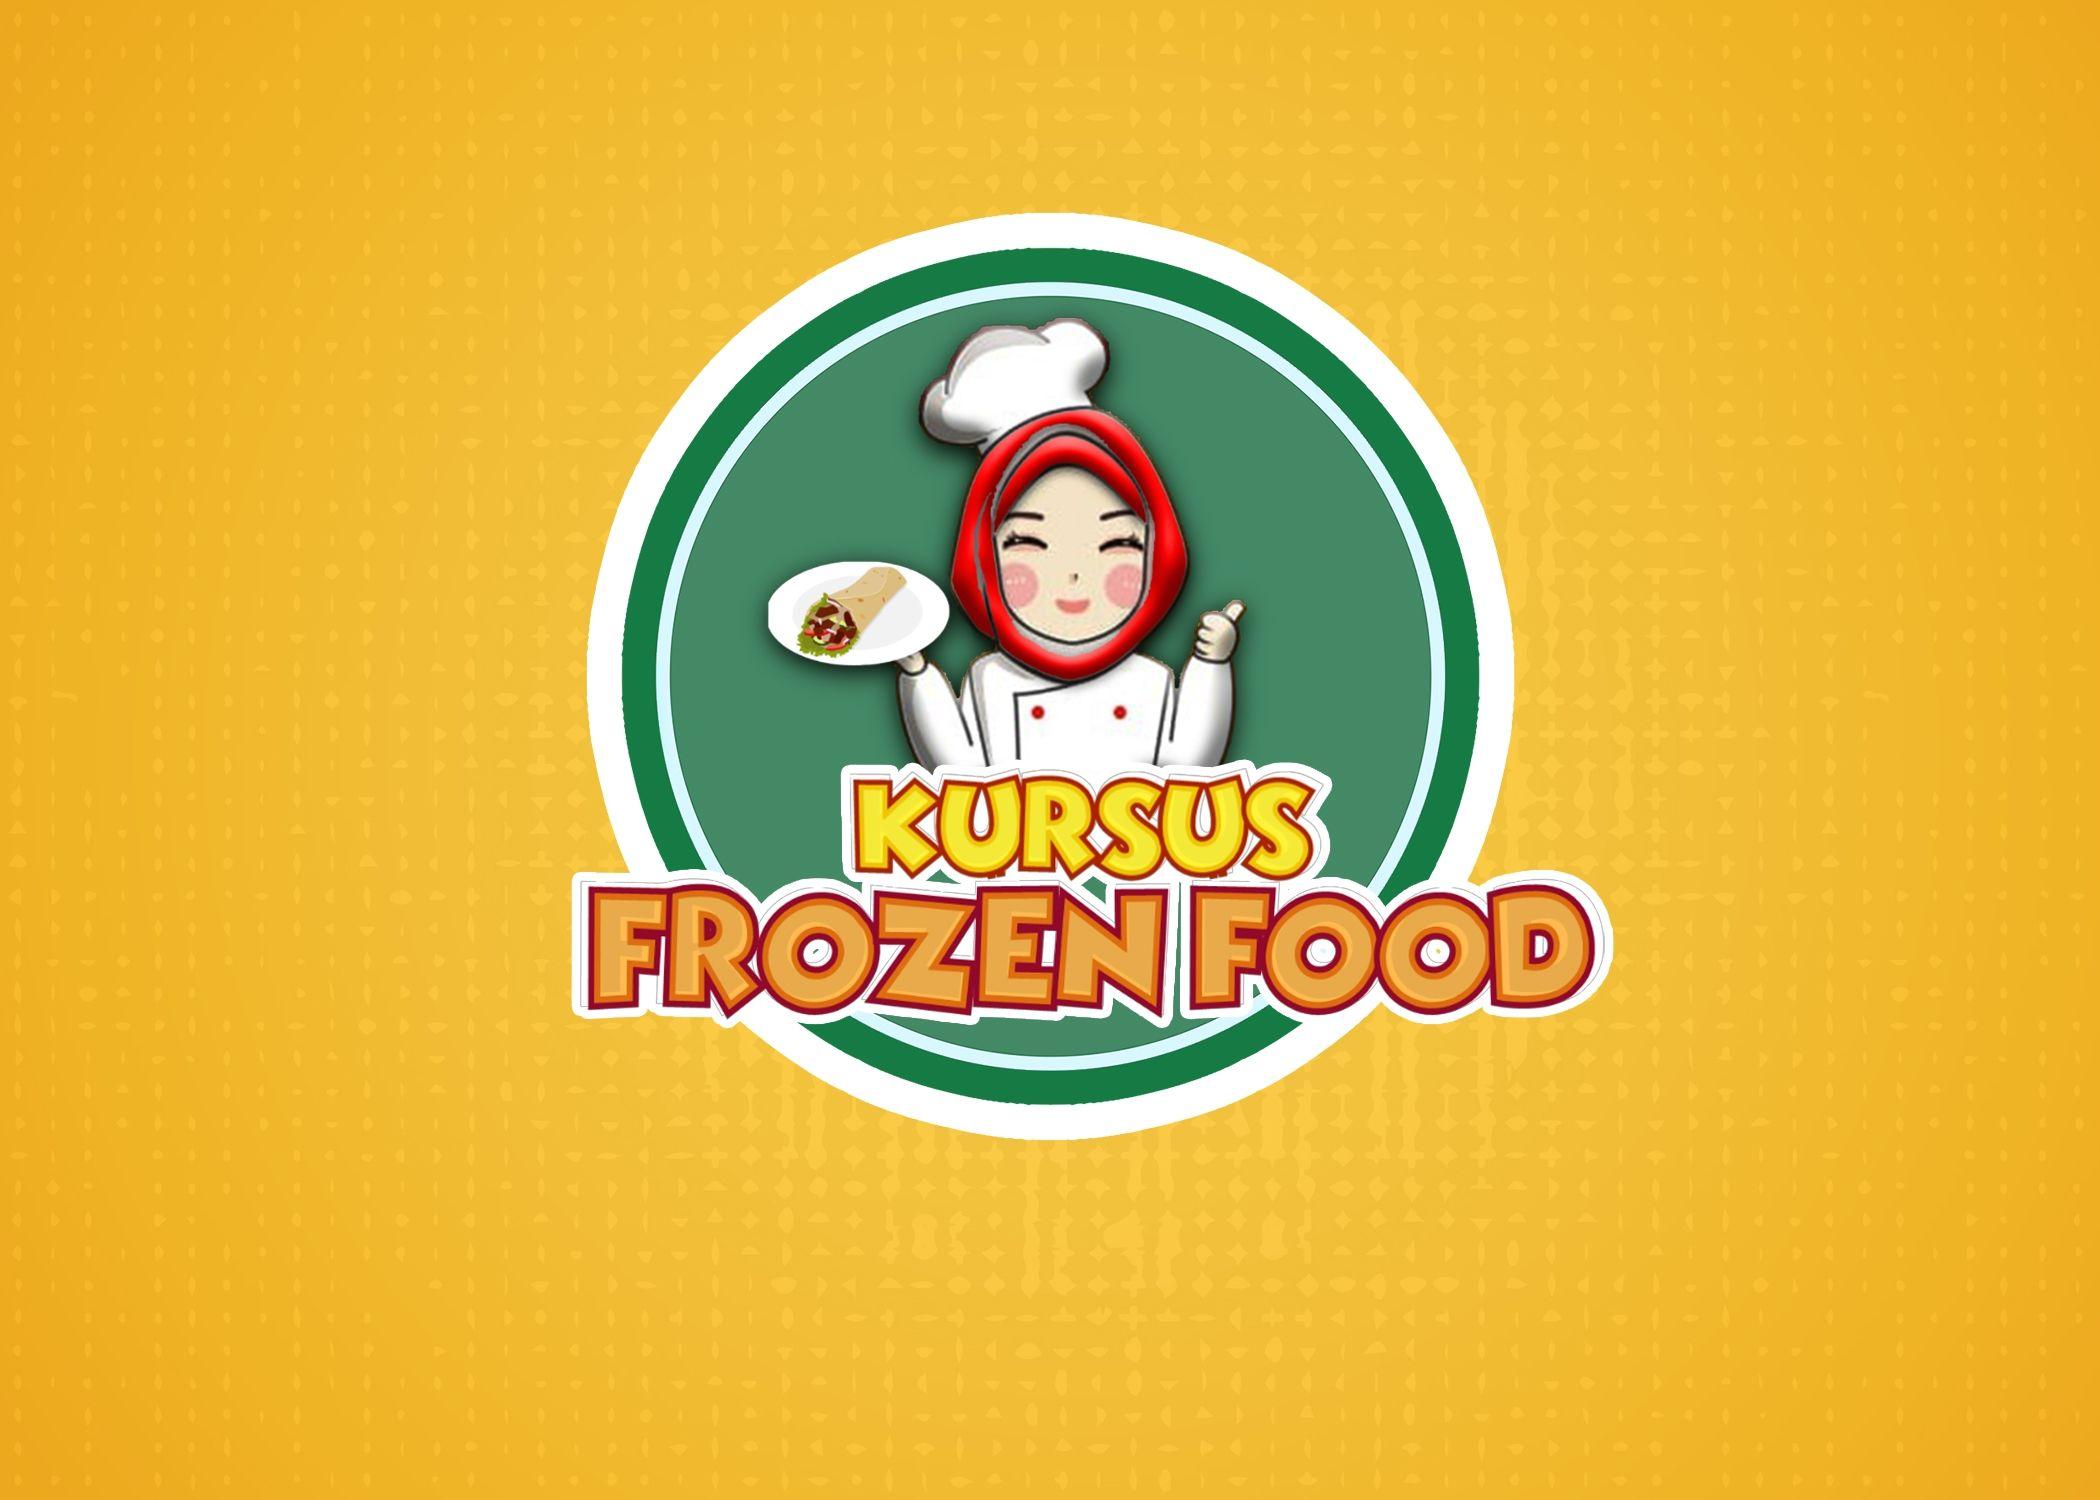 Kursus Frozen Food in 2020 | Kami, Frozen